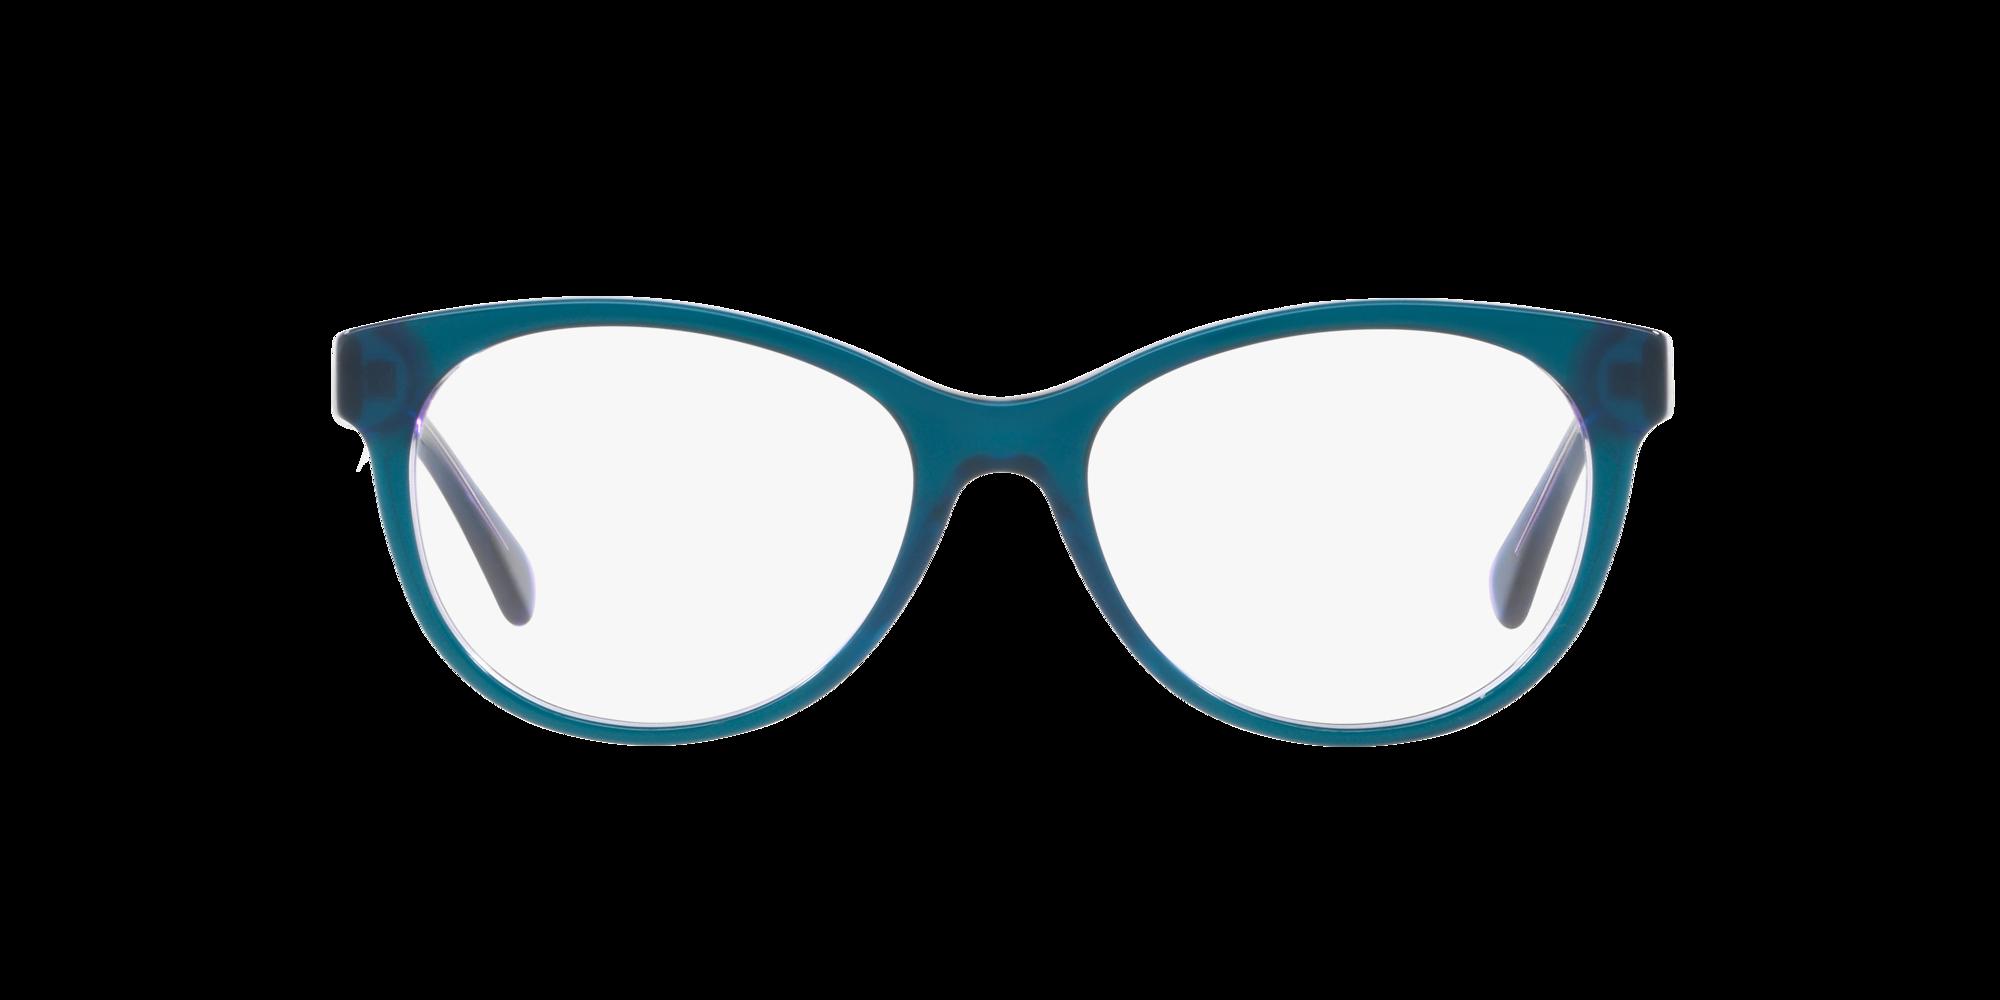 Imagen para RA7094 de LensCrafters |  Espejuelos, espejuelos graduados en línea, gafas